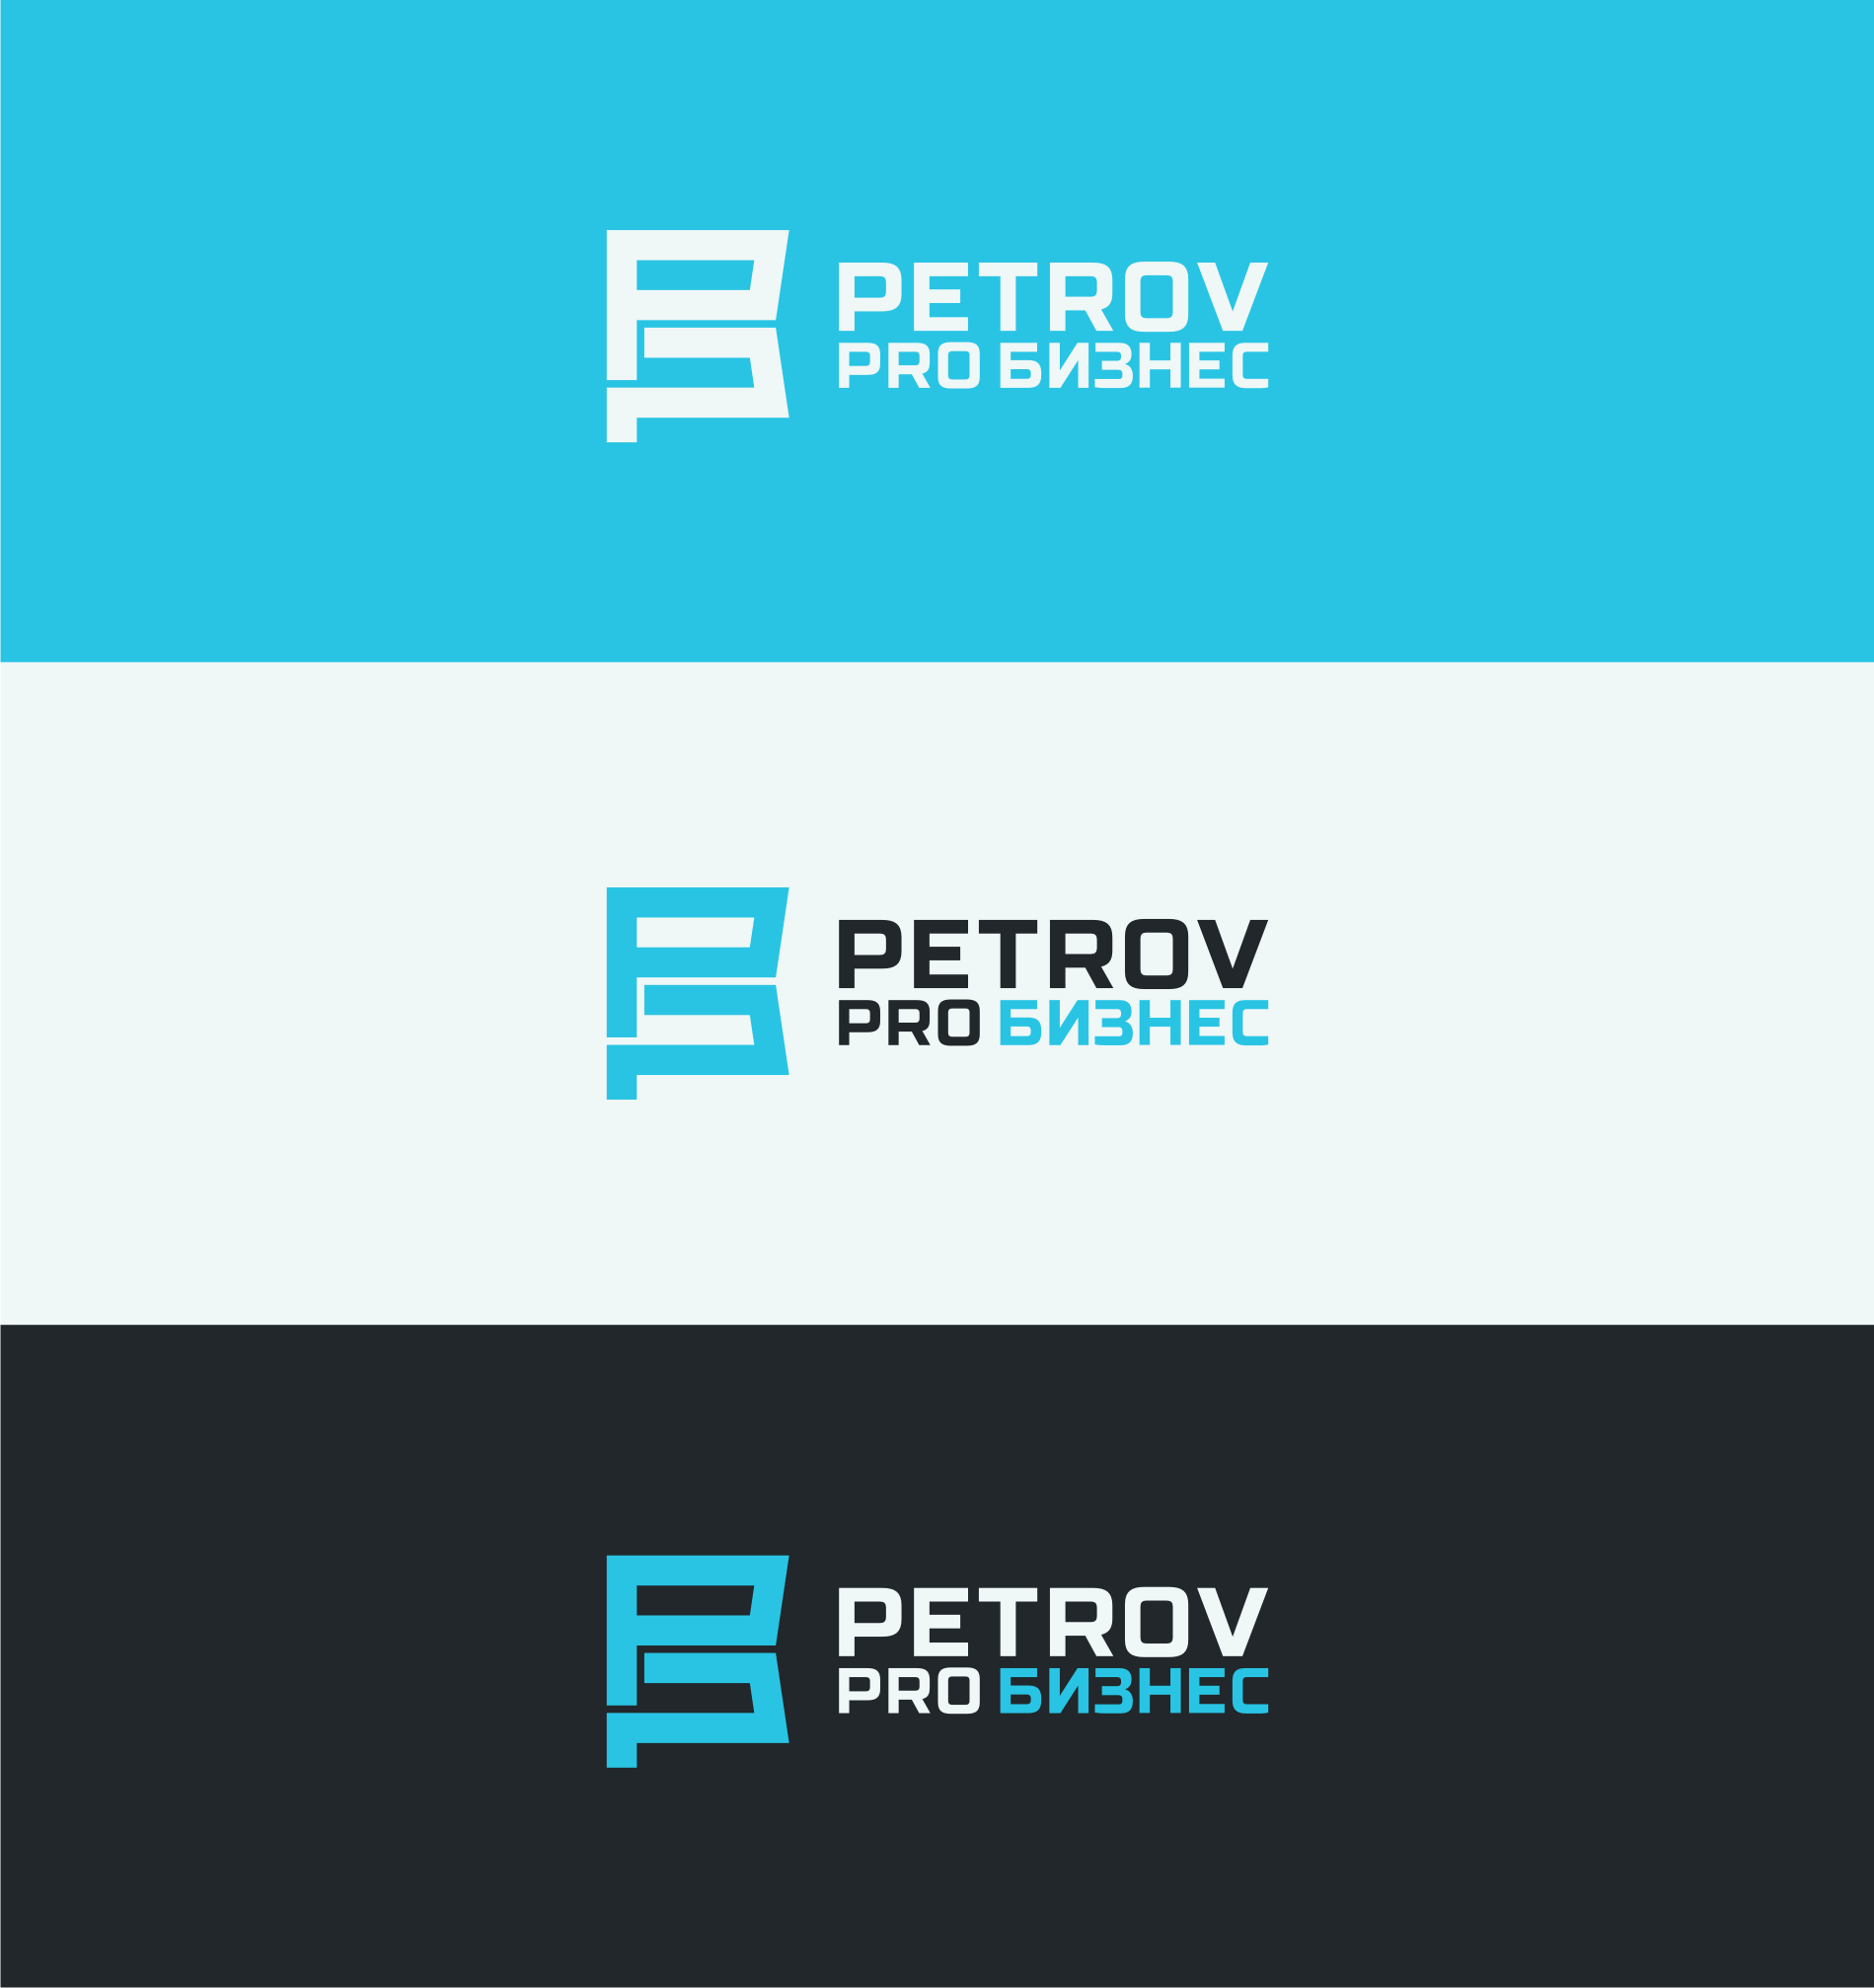 Создать логотип для YouTube канала  фото f_6685c041bffb06af.png